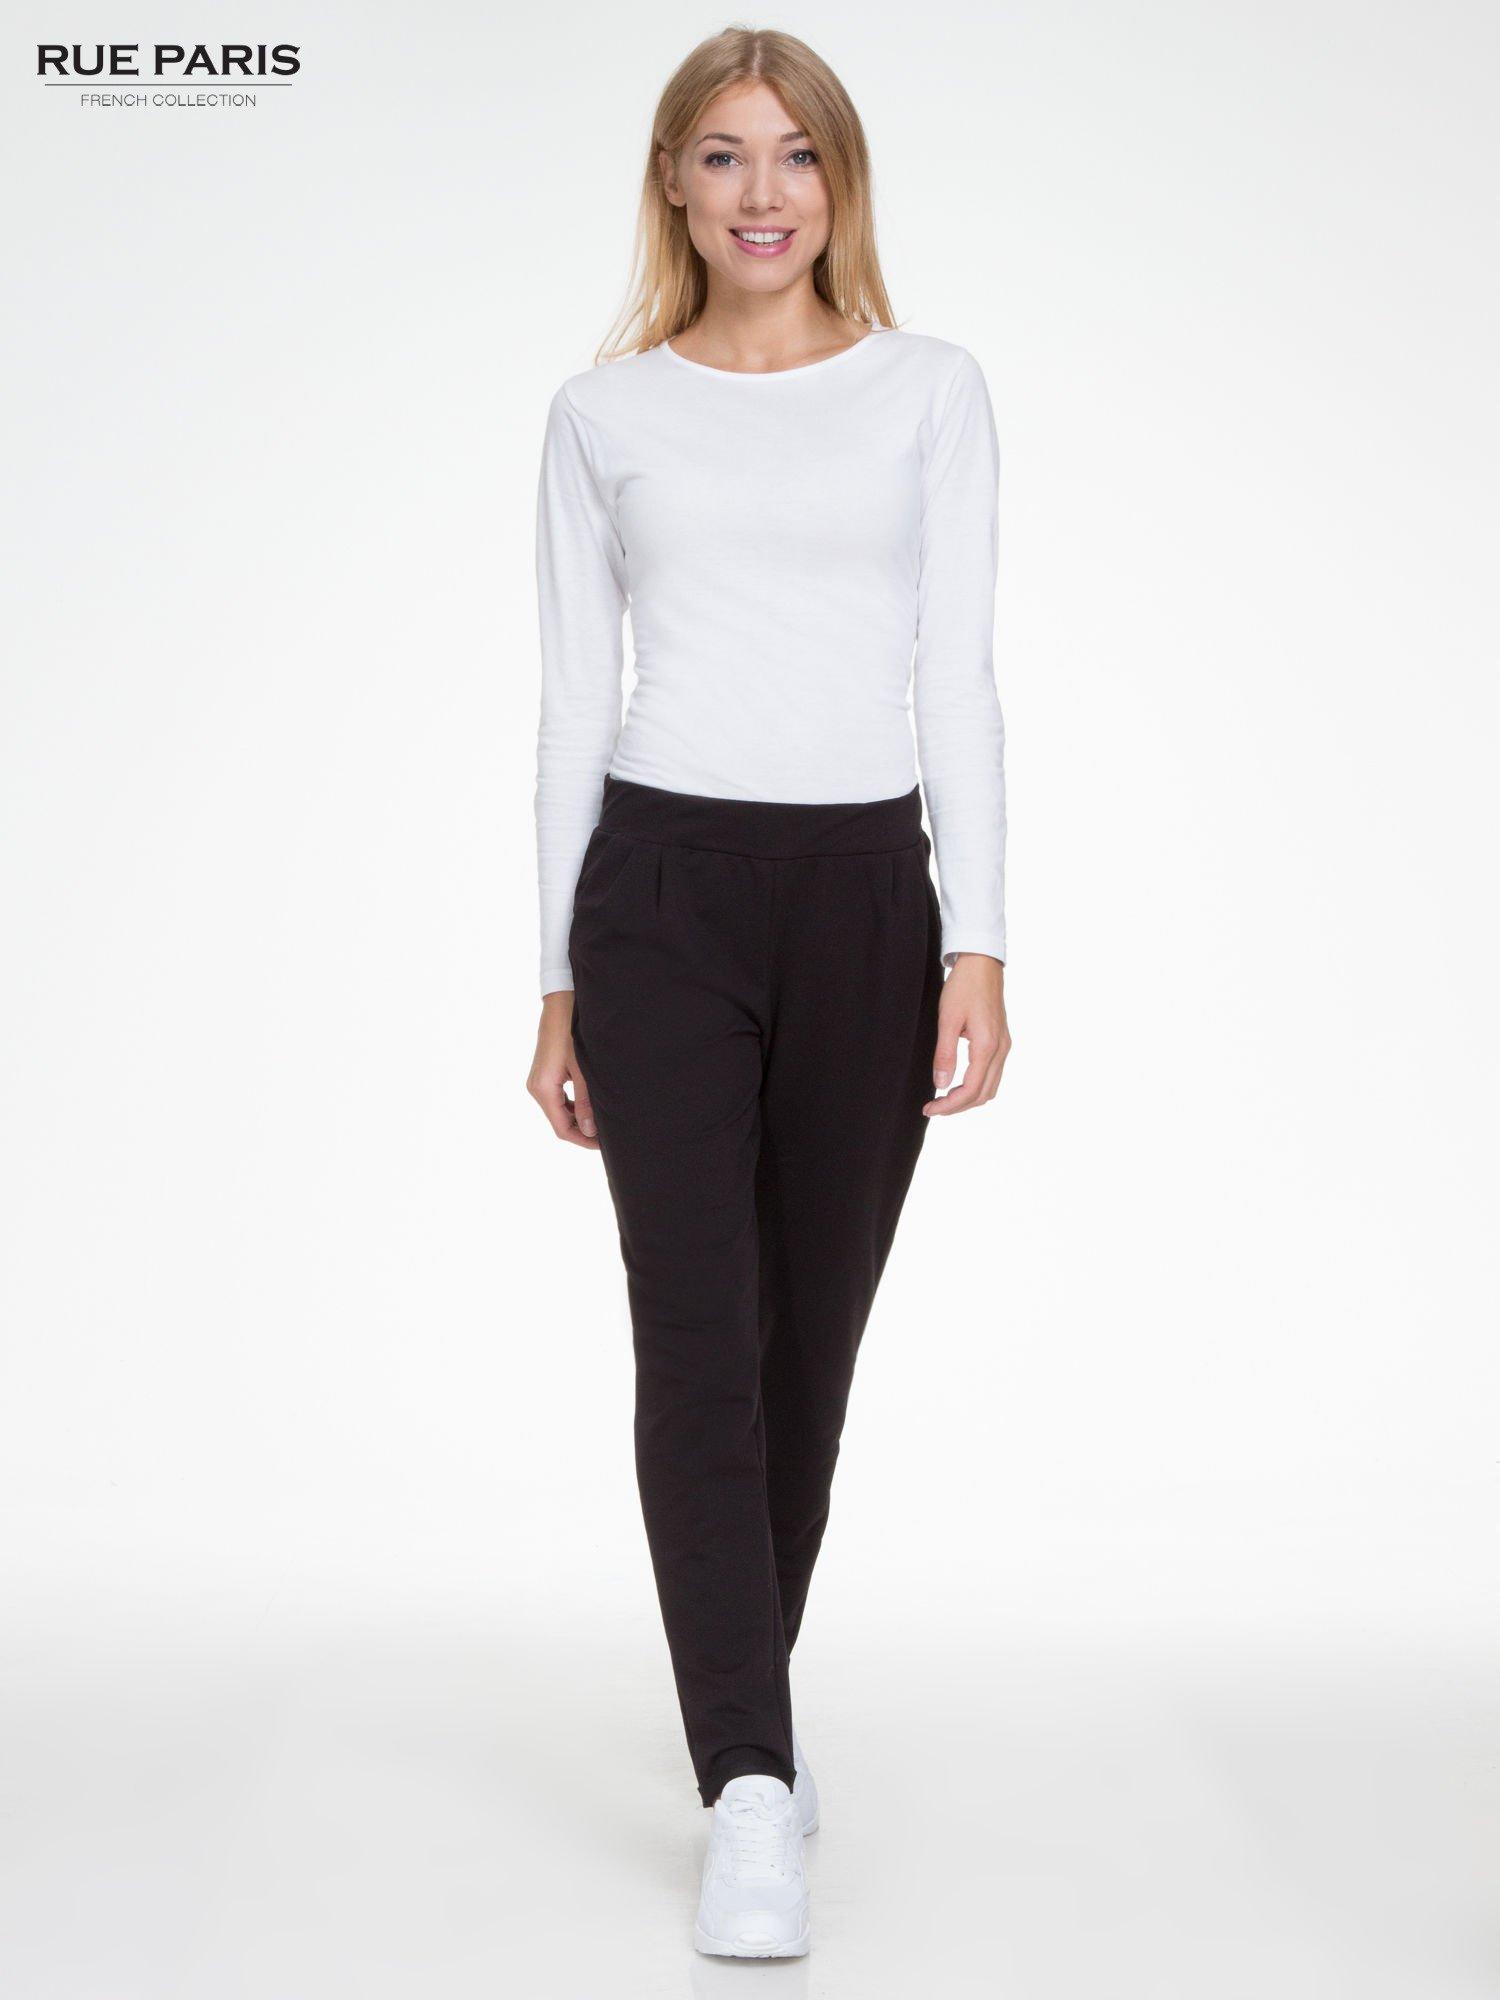 Czarne spodnie dresowe z zakładkami przy kieszeniach                                  zdj.                                  2